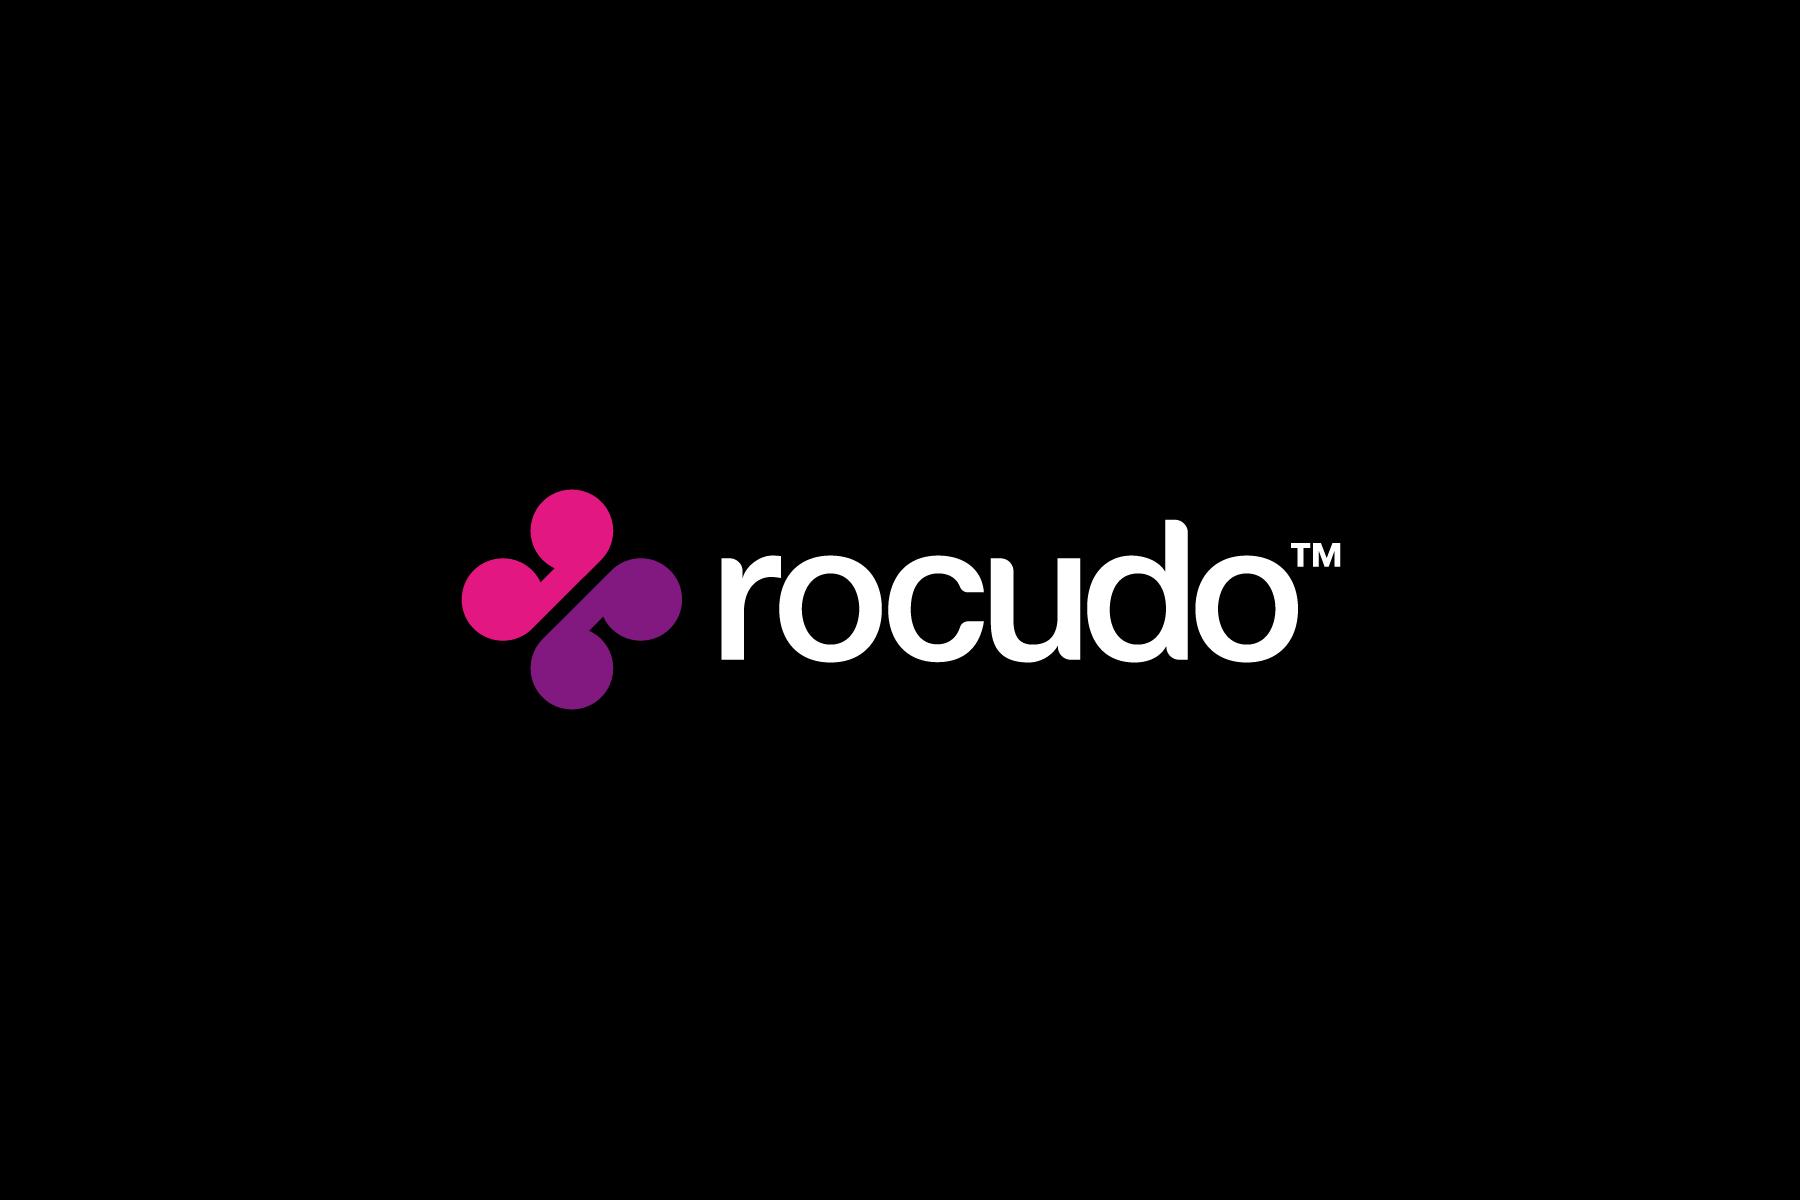 rocudo_005